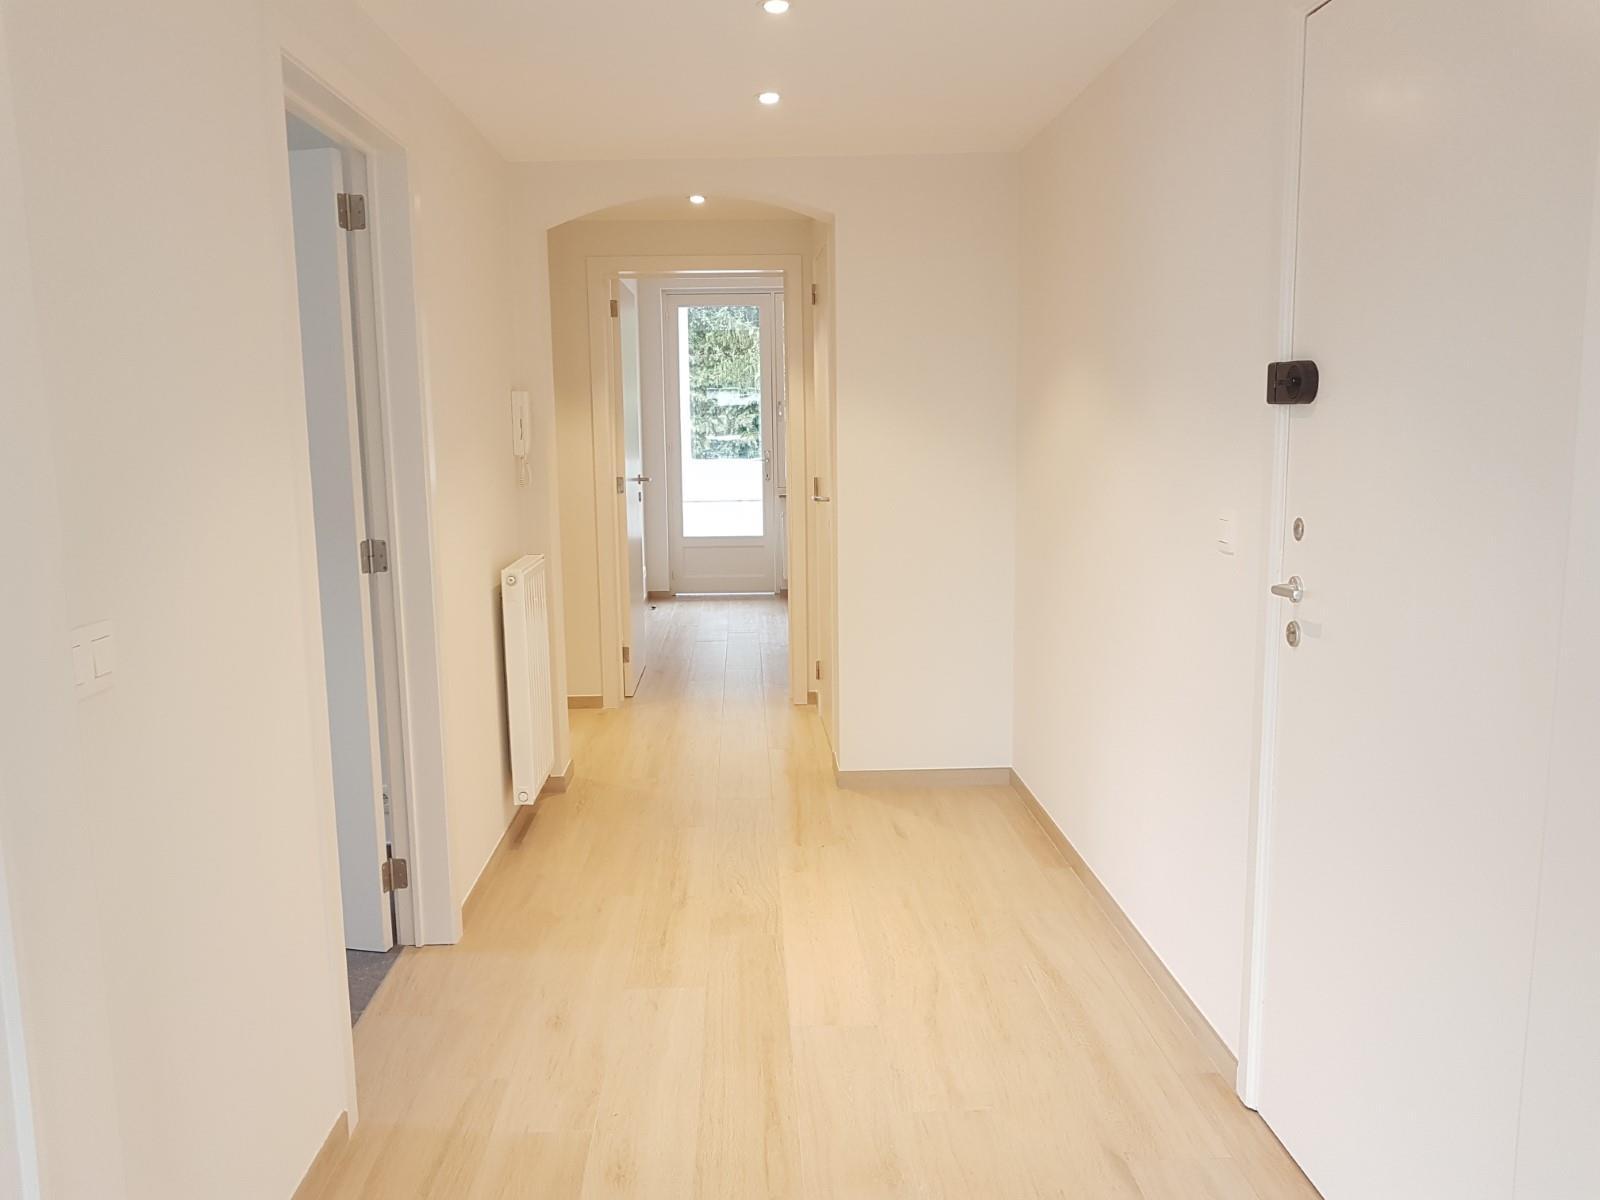 Appartement - Rhode-Saint-Genèse - #4185053-20